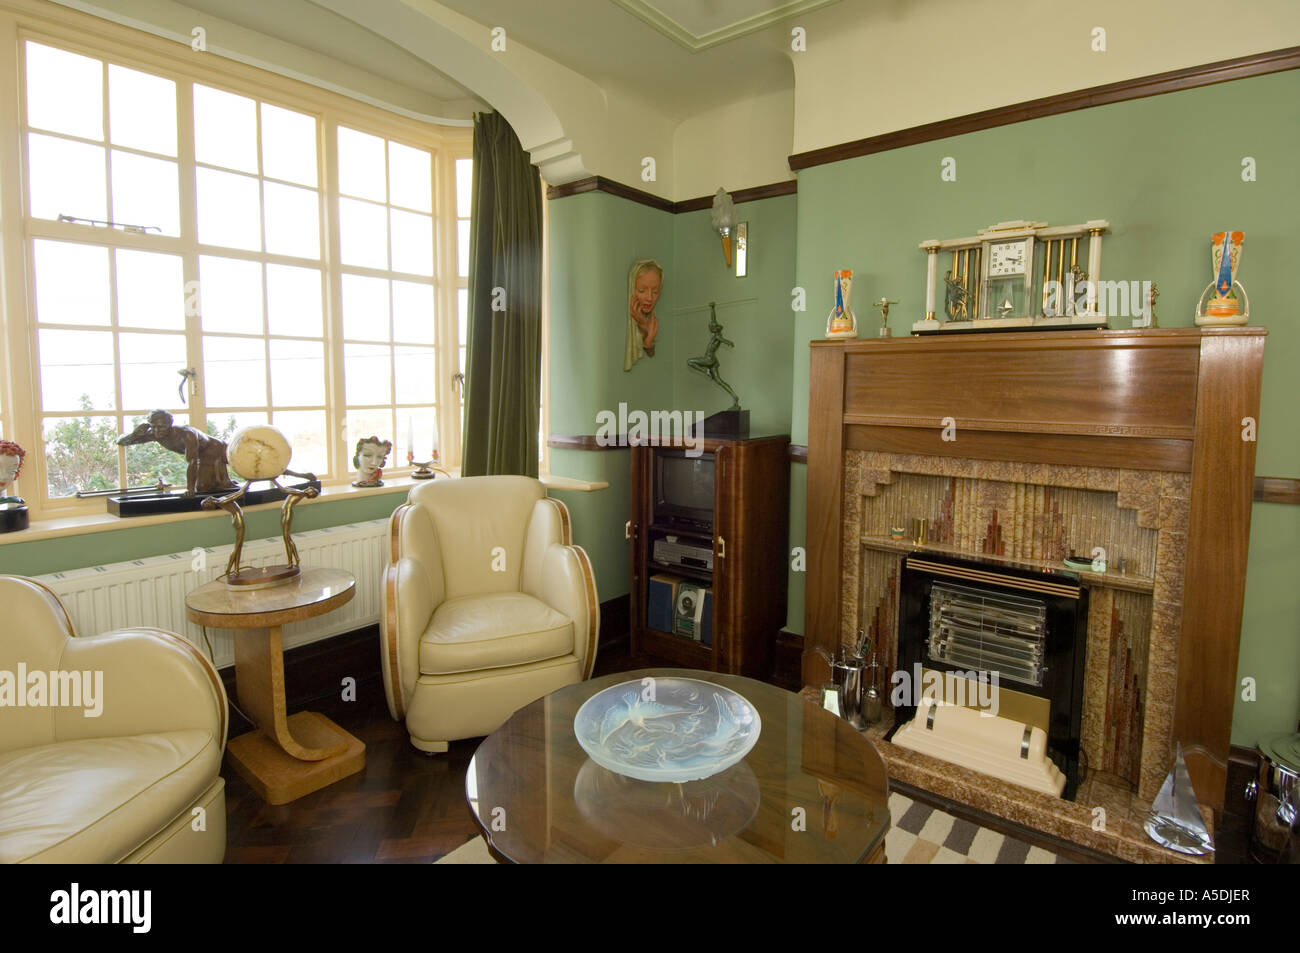 renoviertes art deco 1930 s haus innen lounge wohnzimmer nachmittag uk stockfoto bild. Black Bedroom Furniture Sets. Home Design Ideas